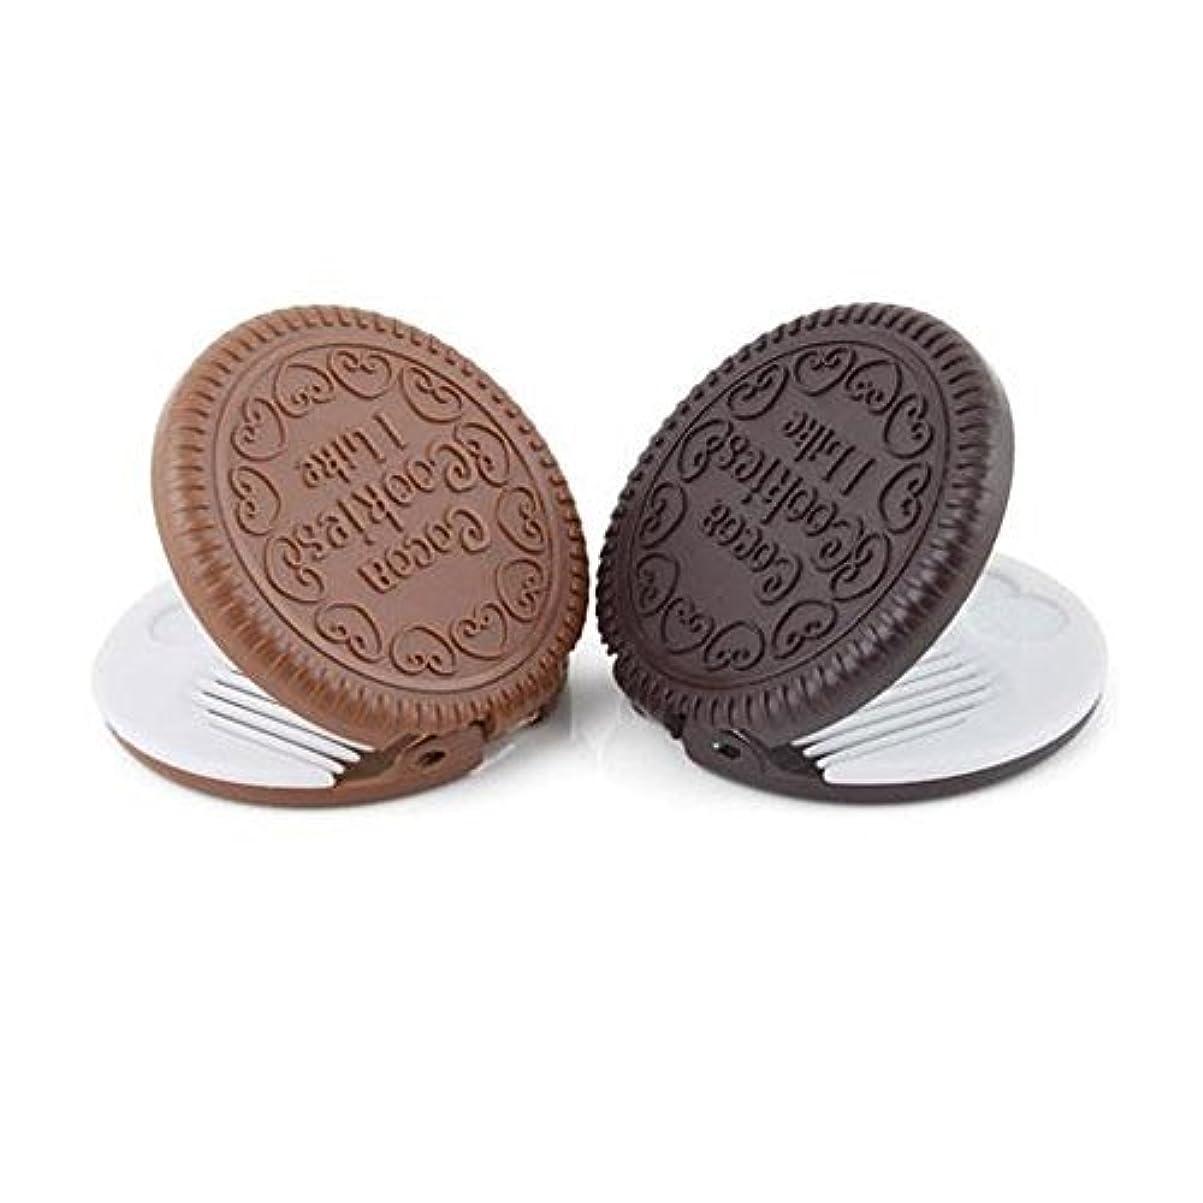 険しい主張コンチネンタルyueton Pack of 2 Mini Pocket Chocolate Cookie Compact Mirror with Comb [並行輸入品]